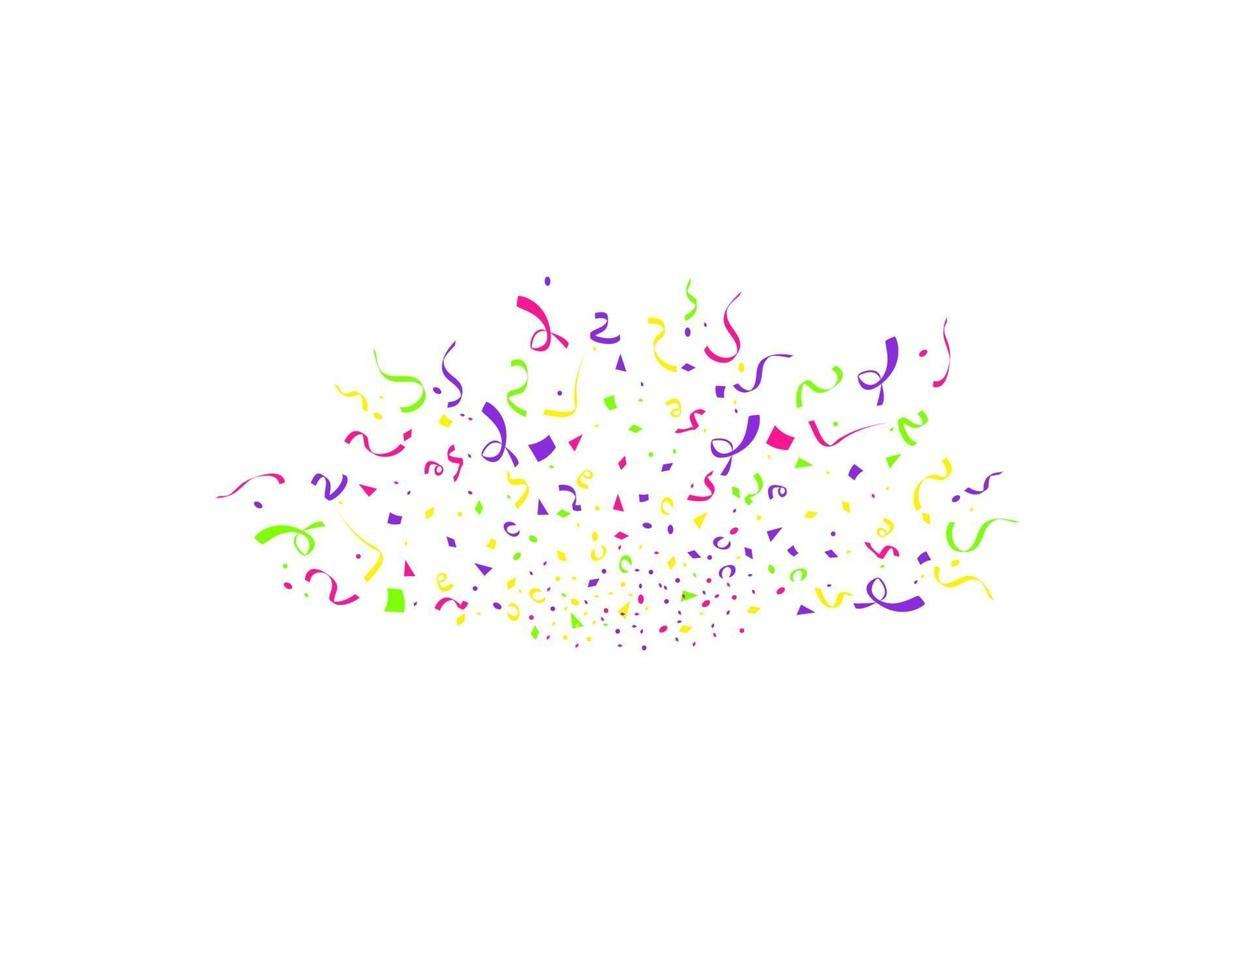 färgglada konfetti burst isolerad på vit bakgrund. festlig mall. vektorillustration av fallande partiklar för helgdagar design vektor